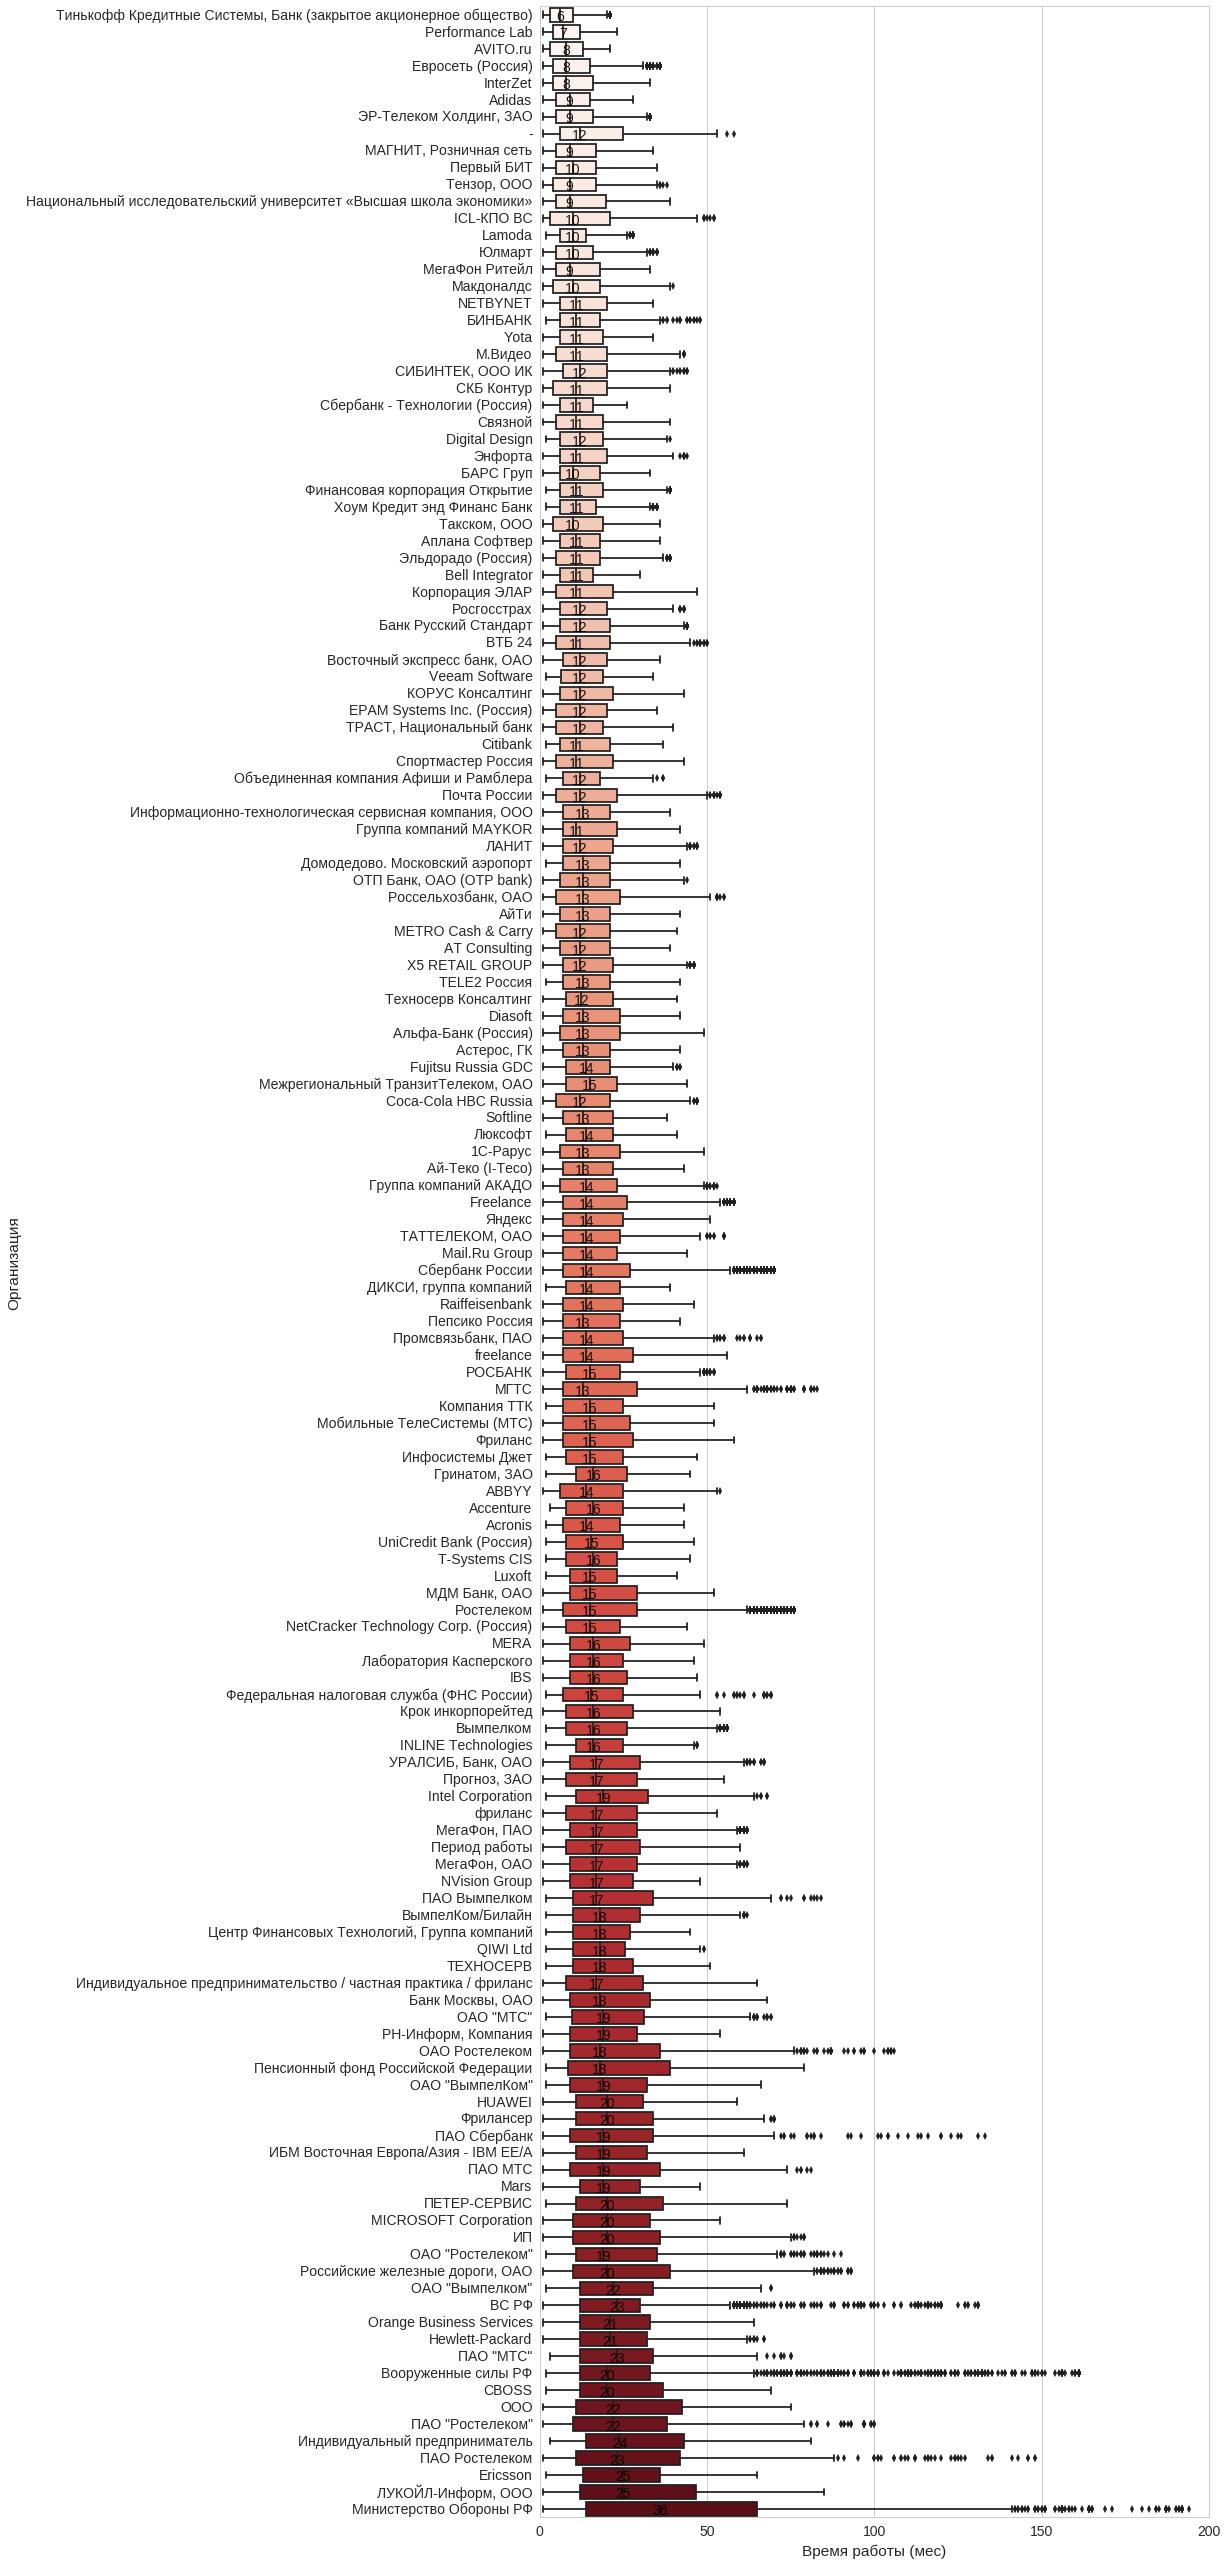 Анализ резюме HH.RU: много графиков и немного сексизма и дискриминации - 27